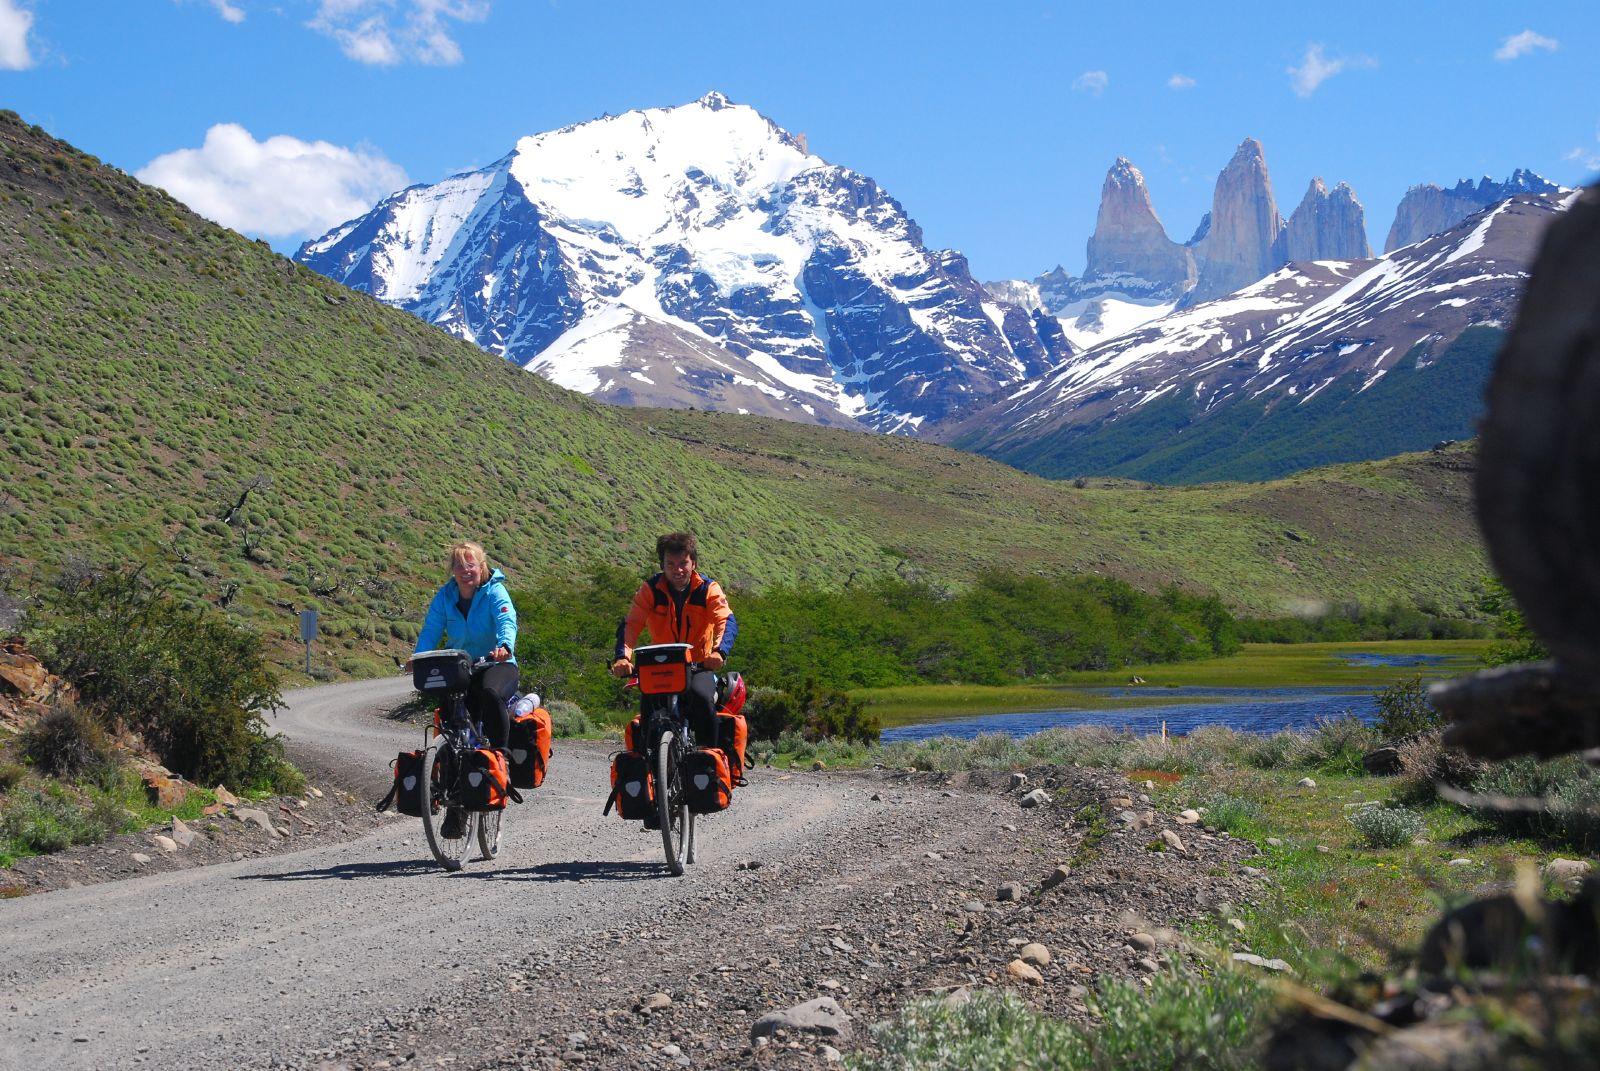 Los 5 Mejores Tours en Bicicleta de Chile